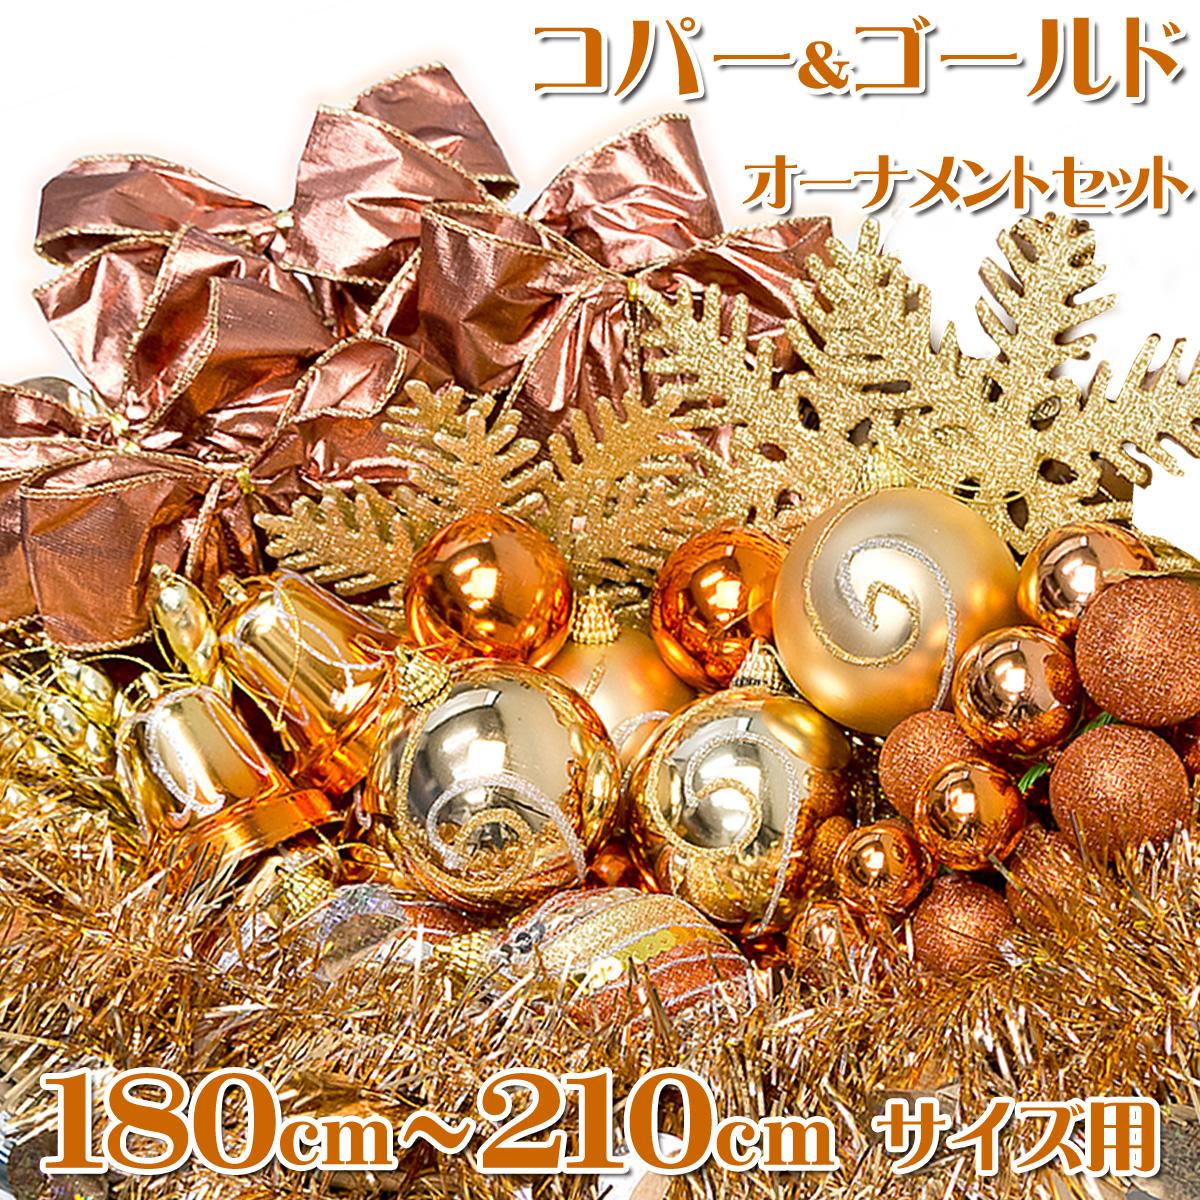 クリスマスツリー オーナメントセット 180~210cm コパー&ゴールド 赤茶色 カッパ― 飾り セット